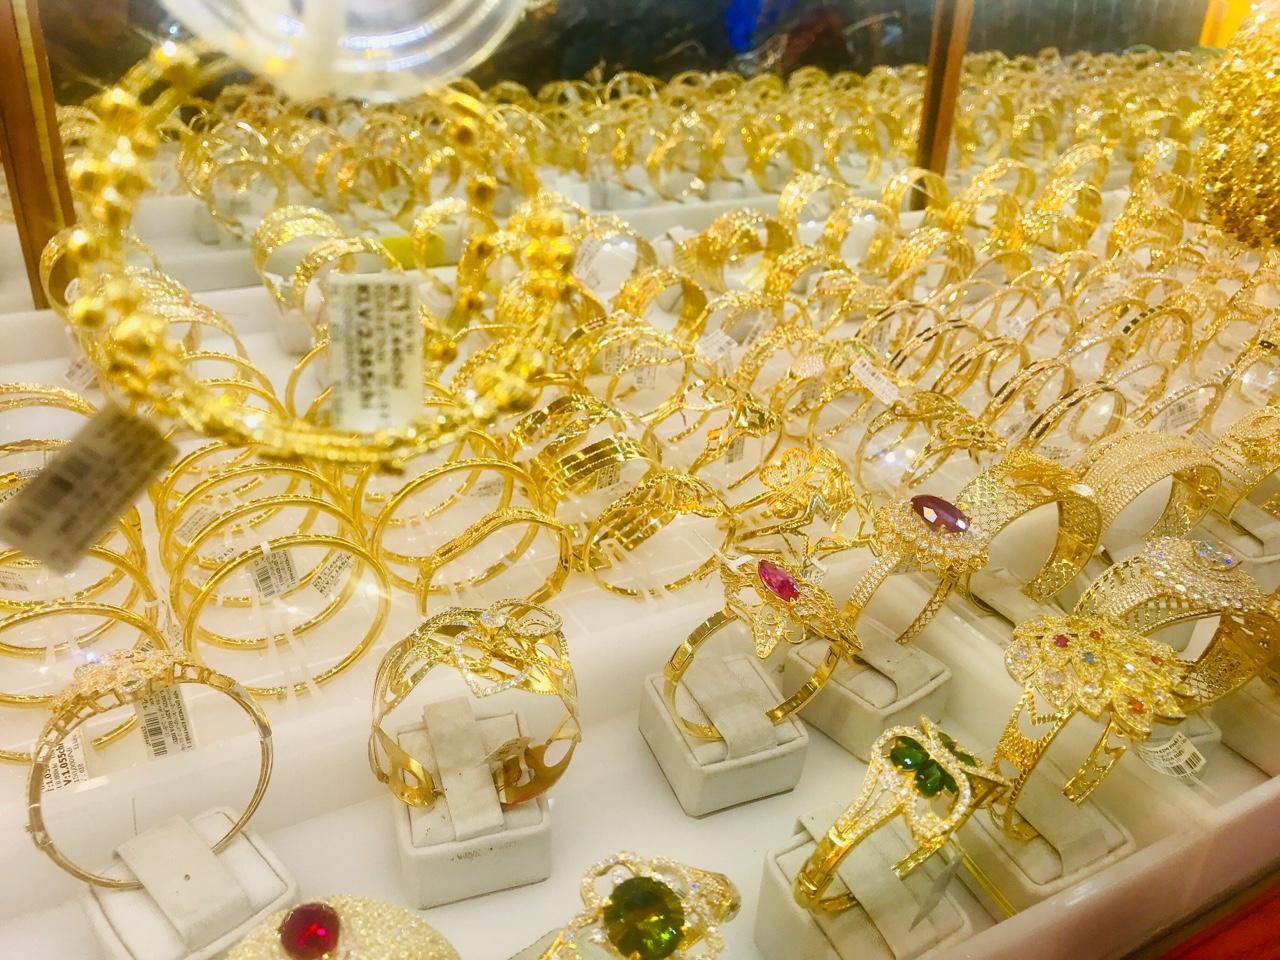 Giá vàng hôm nay 26/3: SJC giảm không nhiều hơn 170.000 đồng/lượng - Ảnh 1.